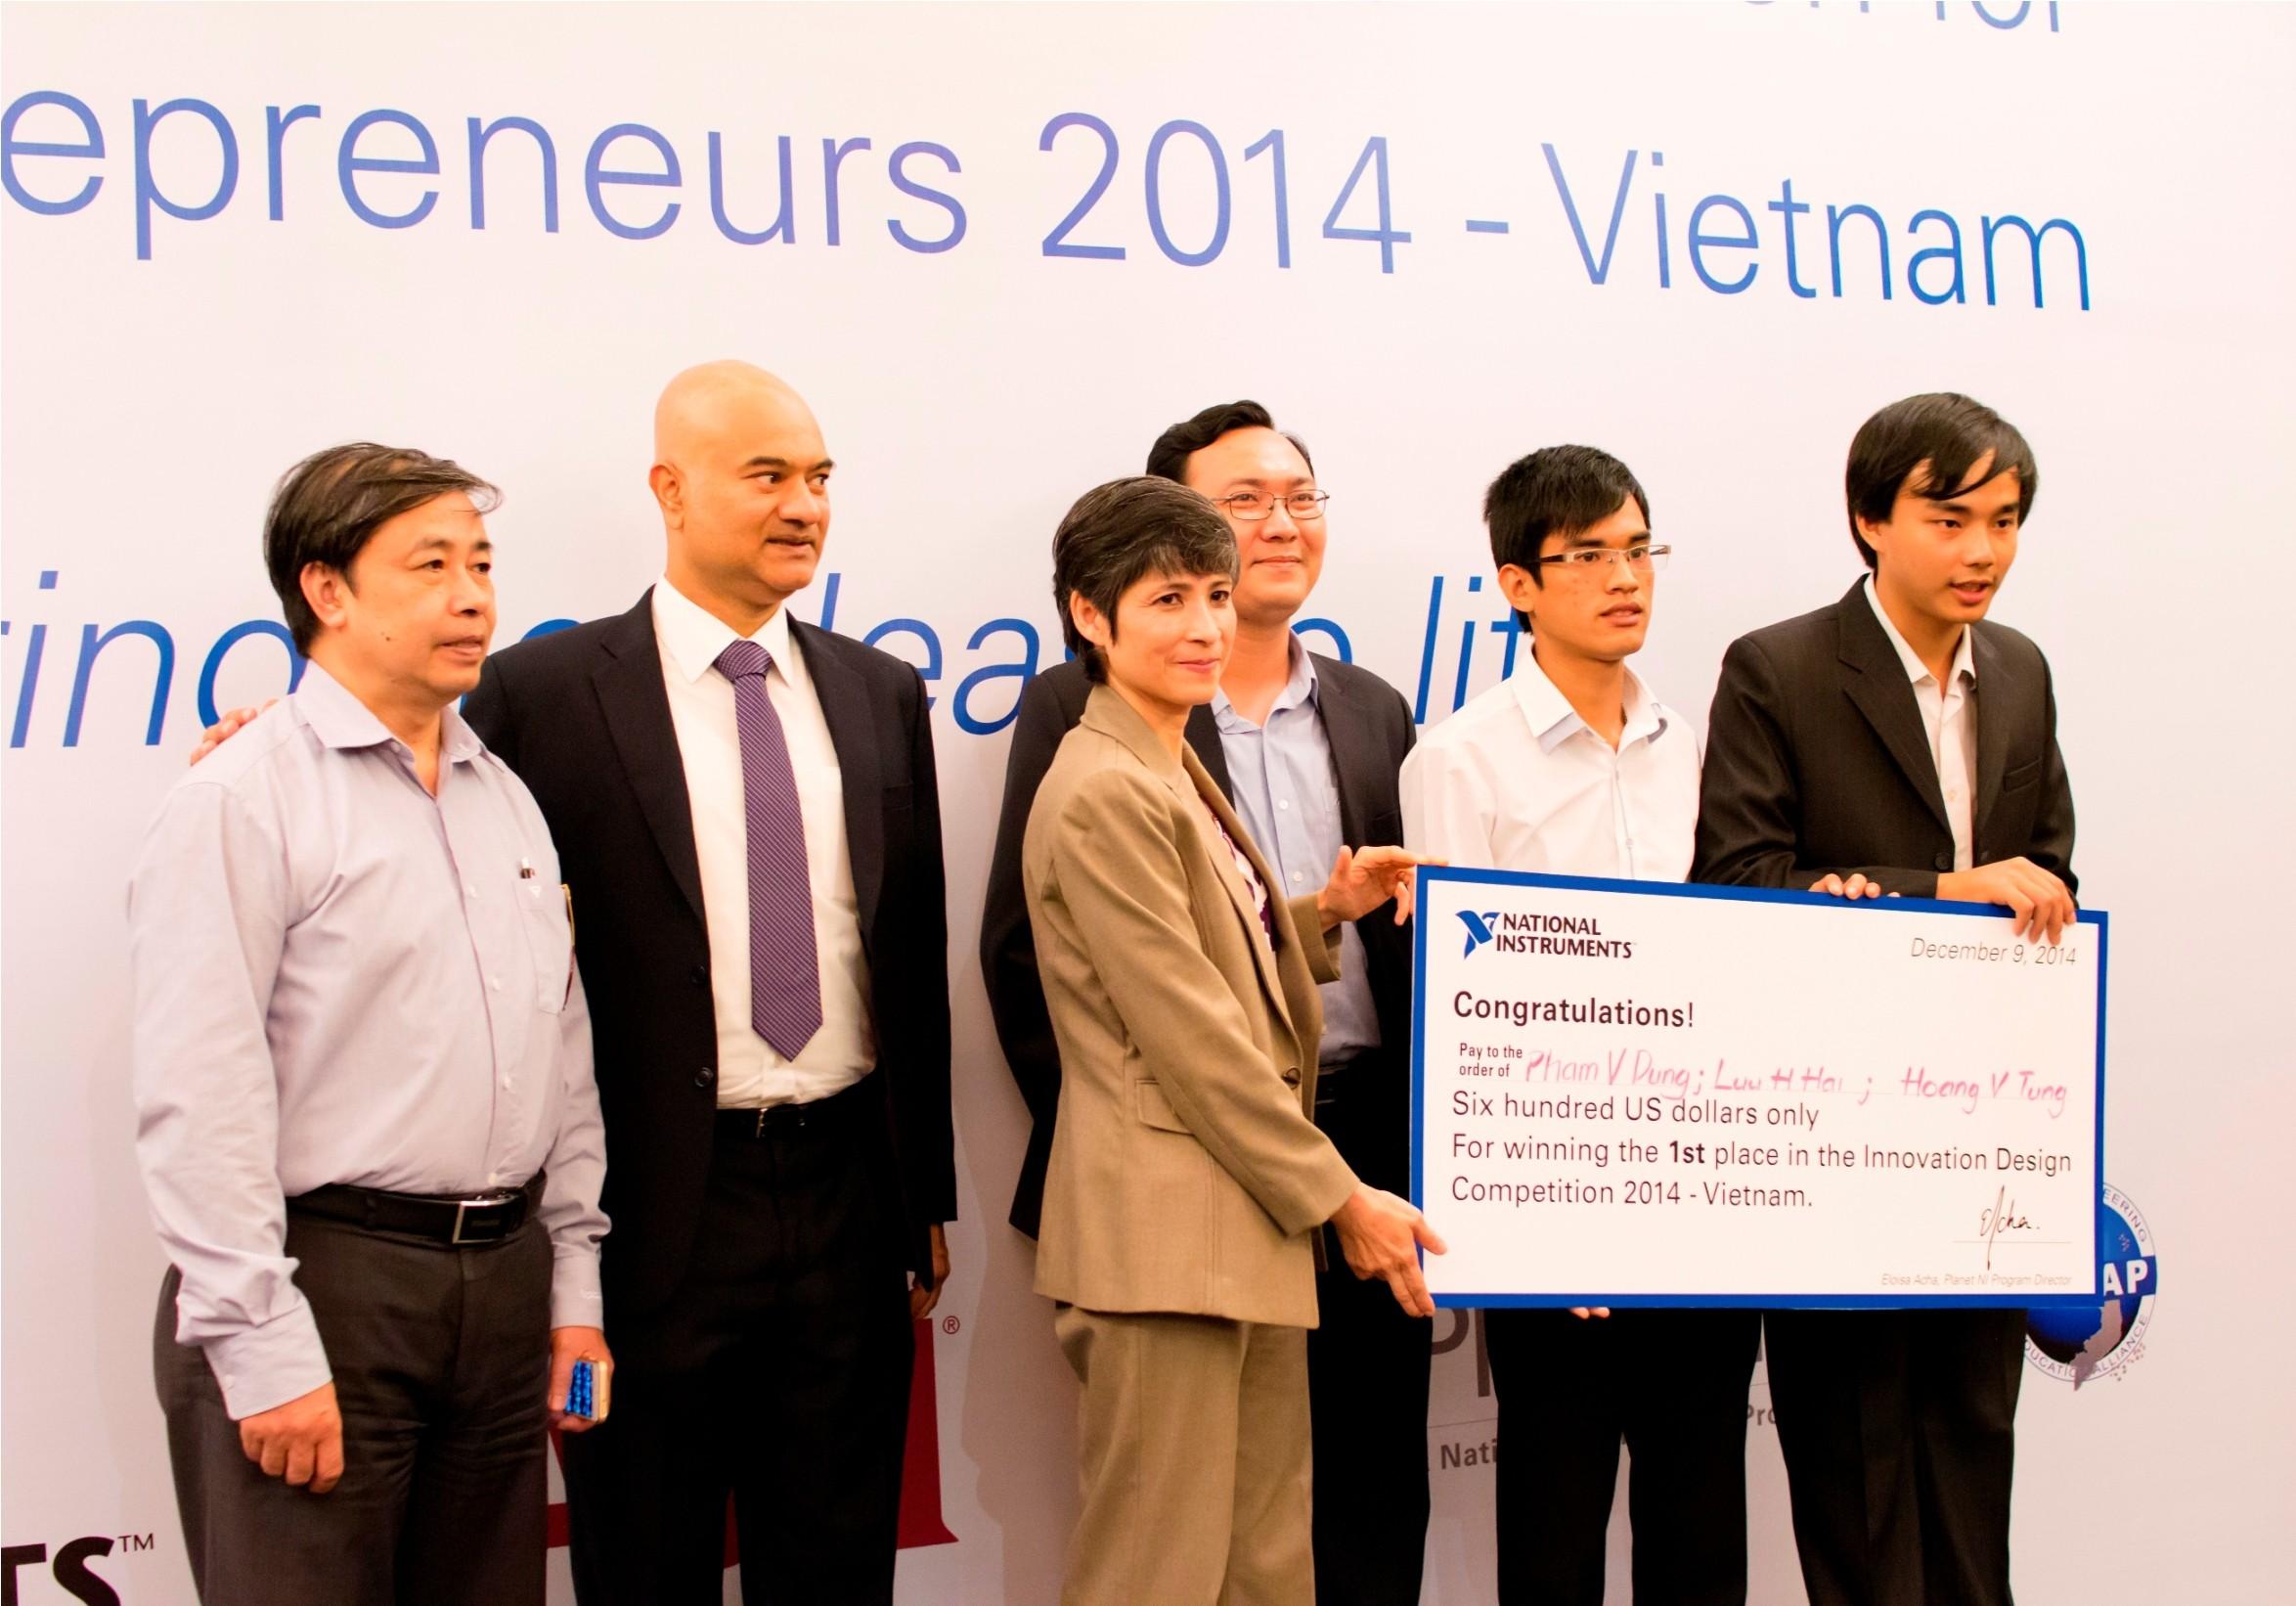 Image 3 - ĐH Bách khoa Hà Nội chiến thắng cuộc thi Thiết kế Sáng tạo dành cho Doanh nhân Trẻ Viêt Nam